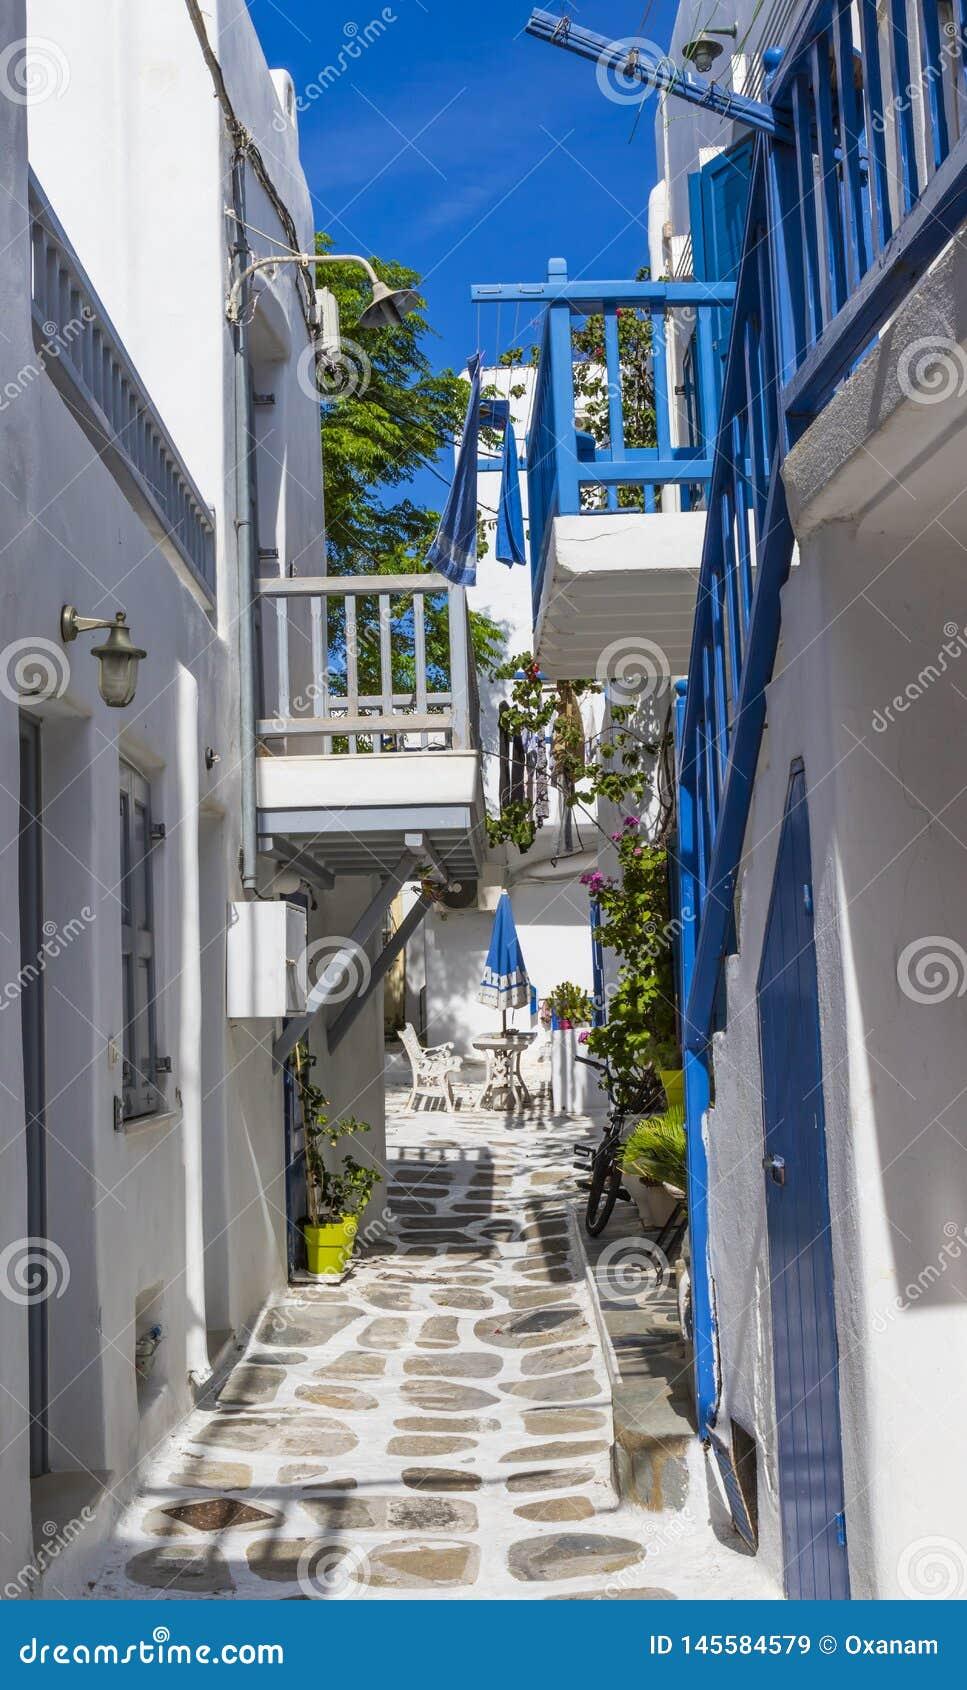 Europa Grecia cyclades Isla de Mykonos Un patio en la calle estrecha tradicional con la puerta, ventana y balc?n y blanco azules